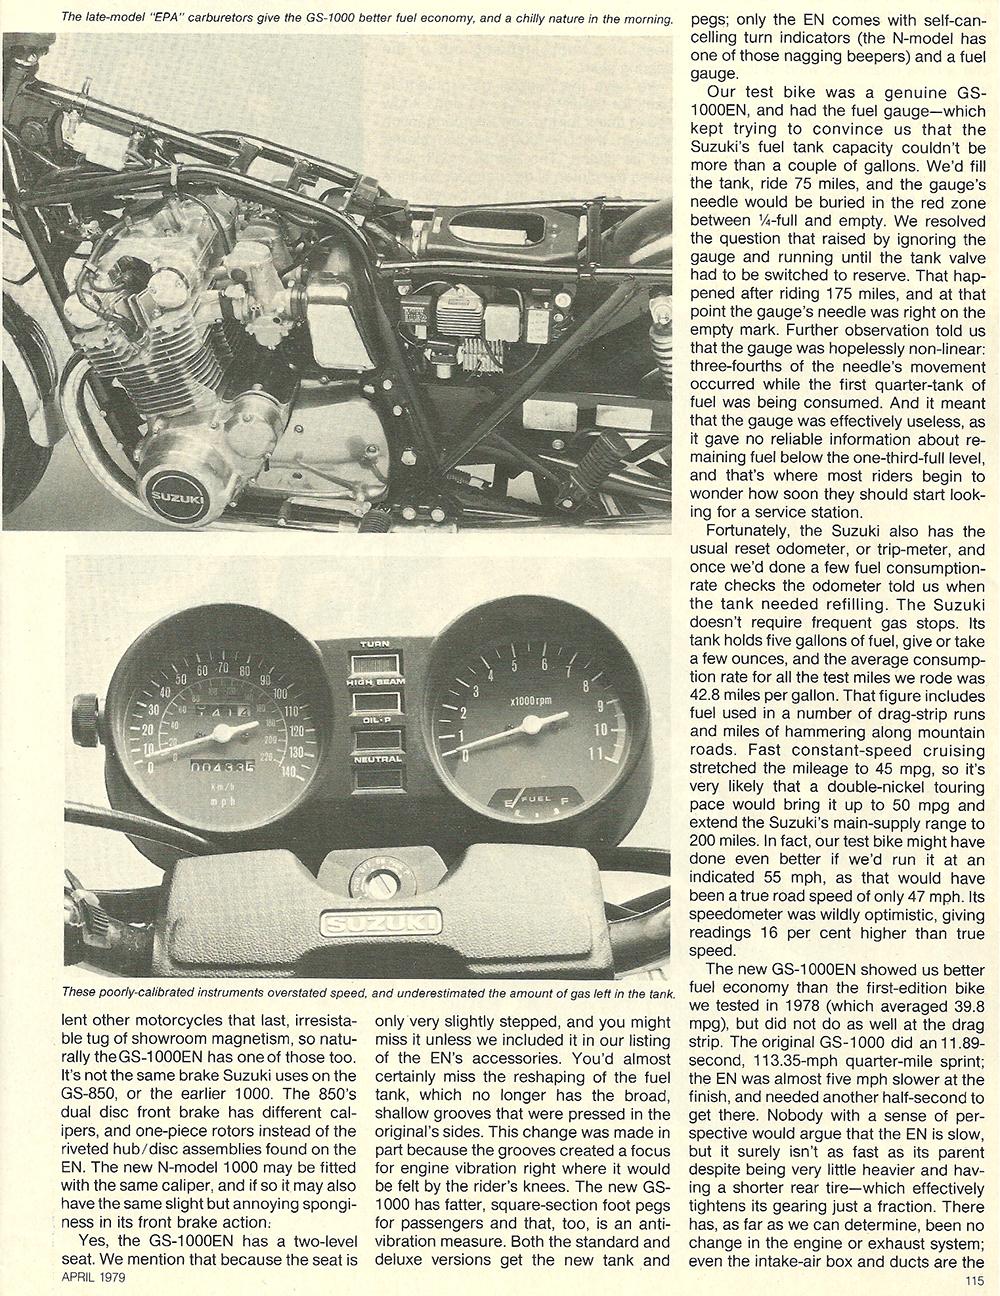 1979 Suzuki GS1000E road test 04.jpg